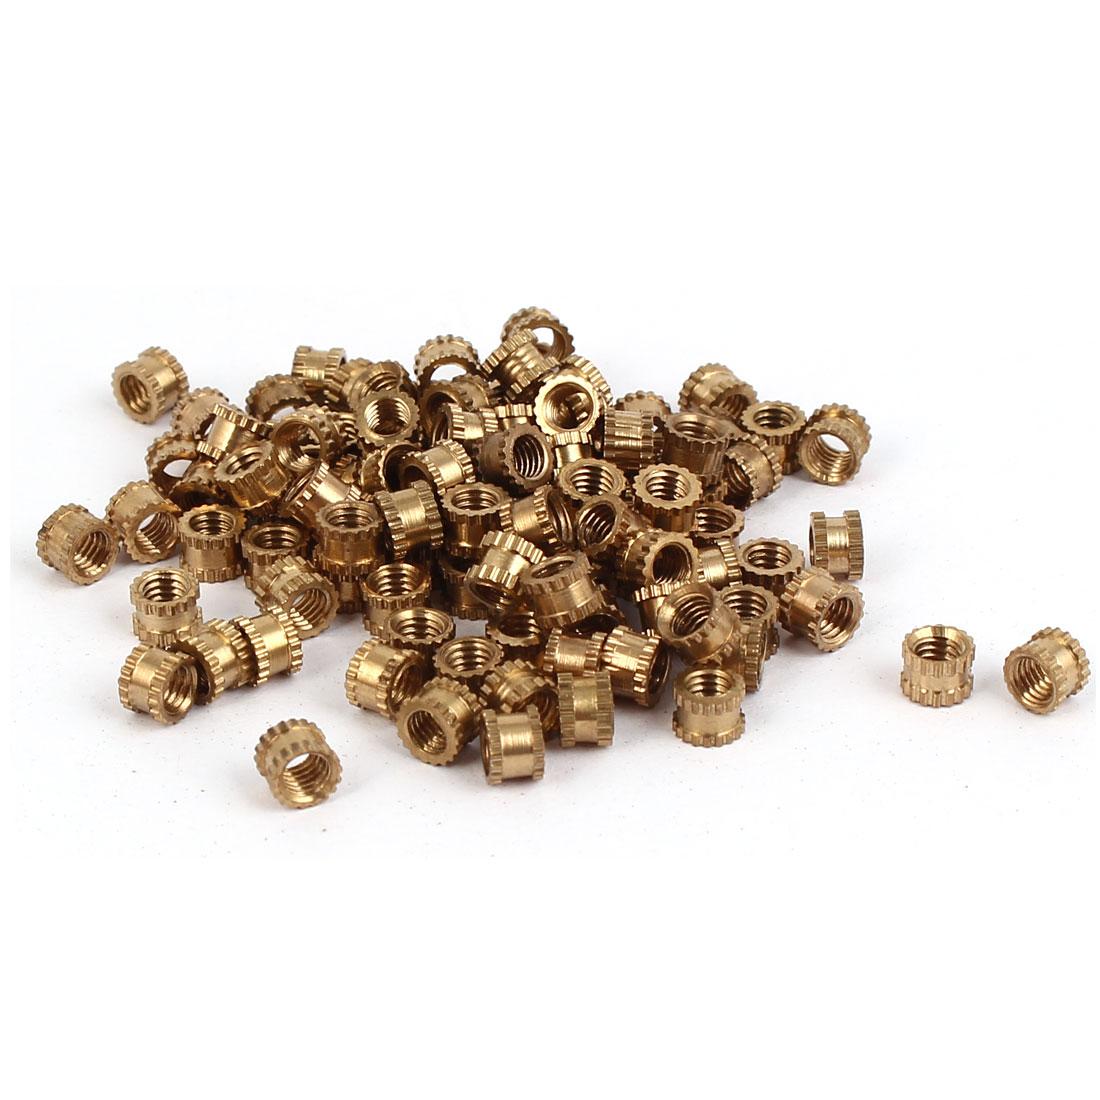 M3 x 3mm Female Thread Brass Knurled Threaded Insert Embedment Nuts 100PCS